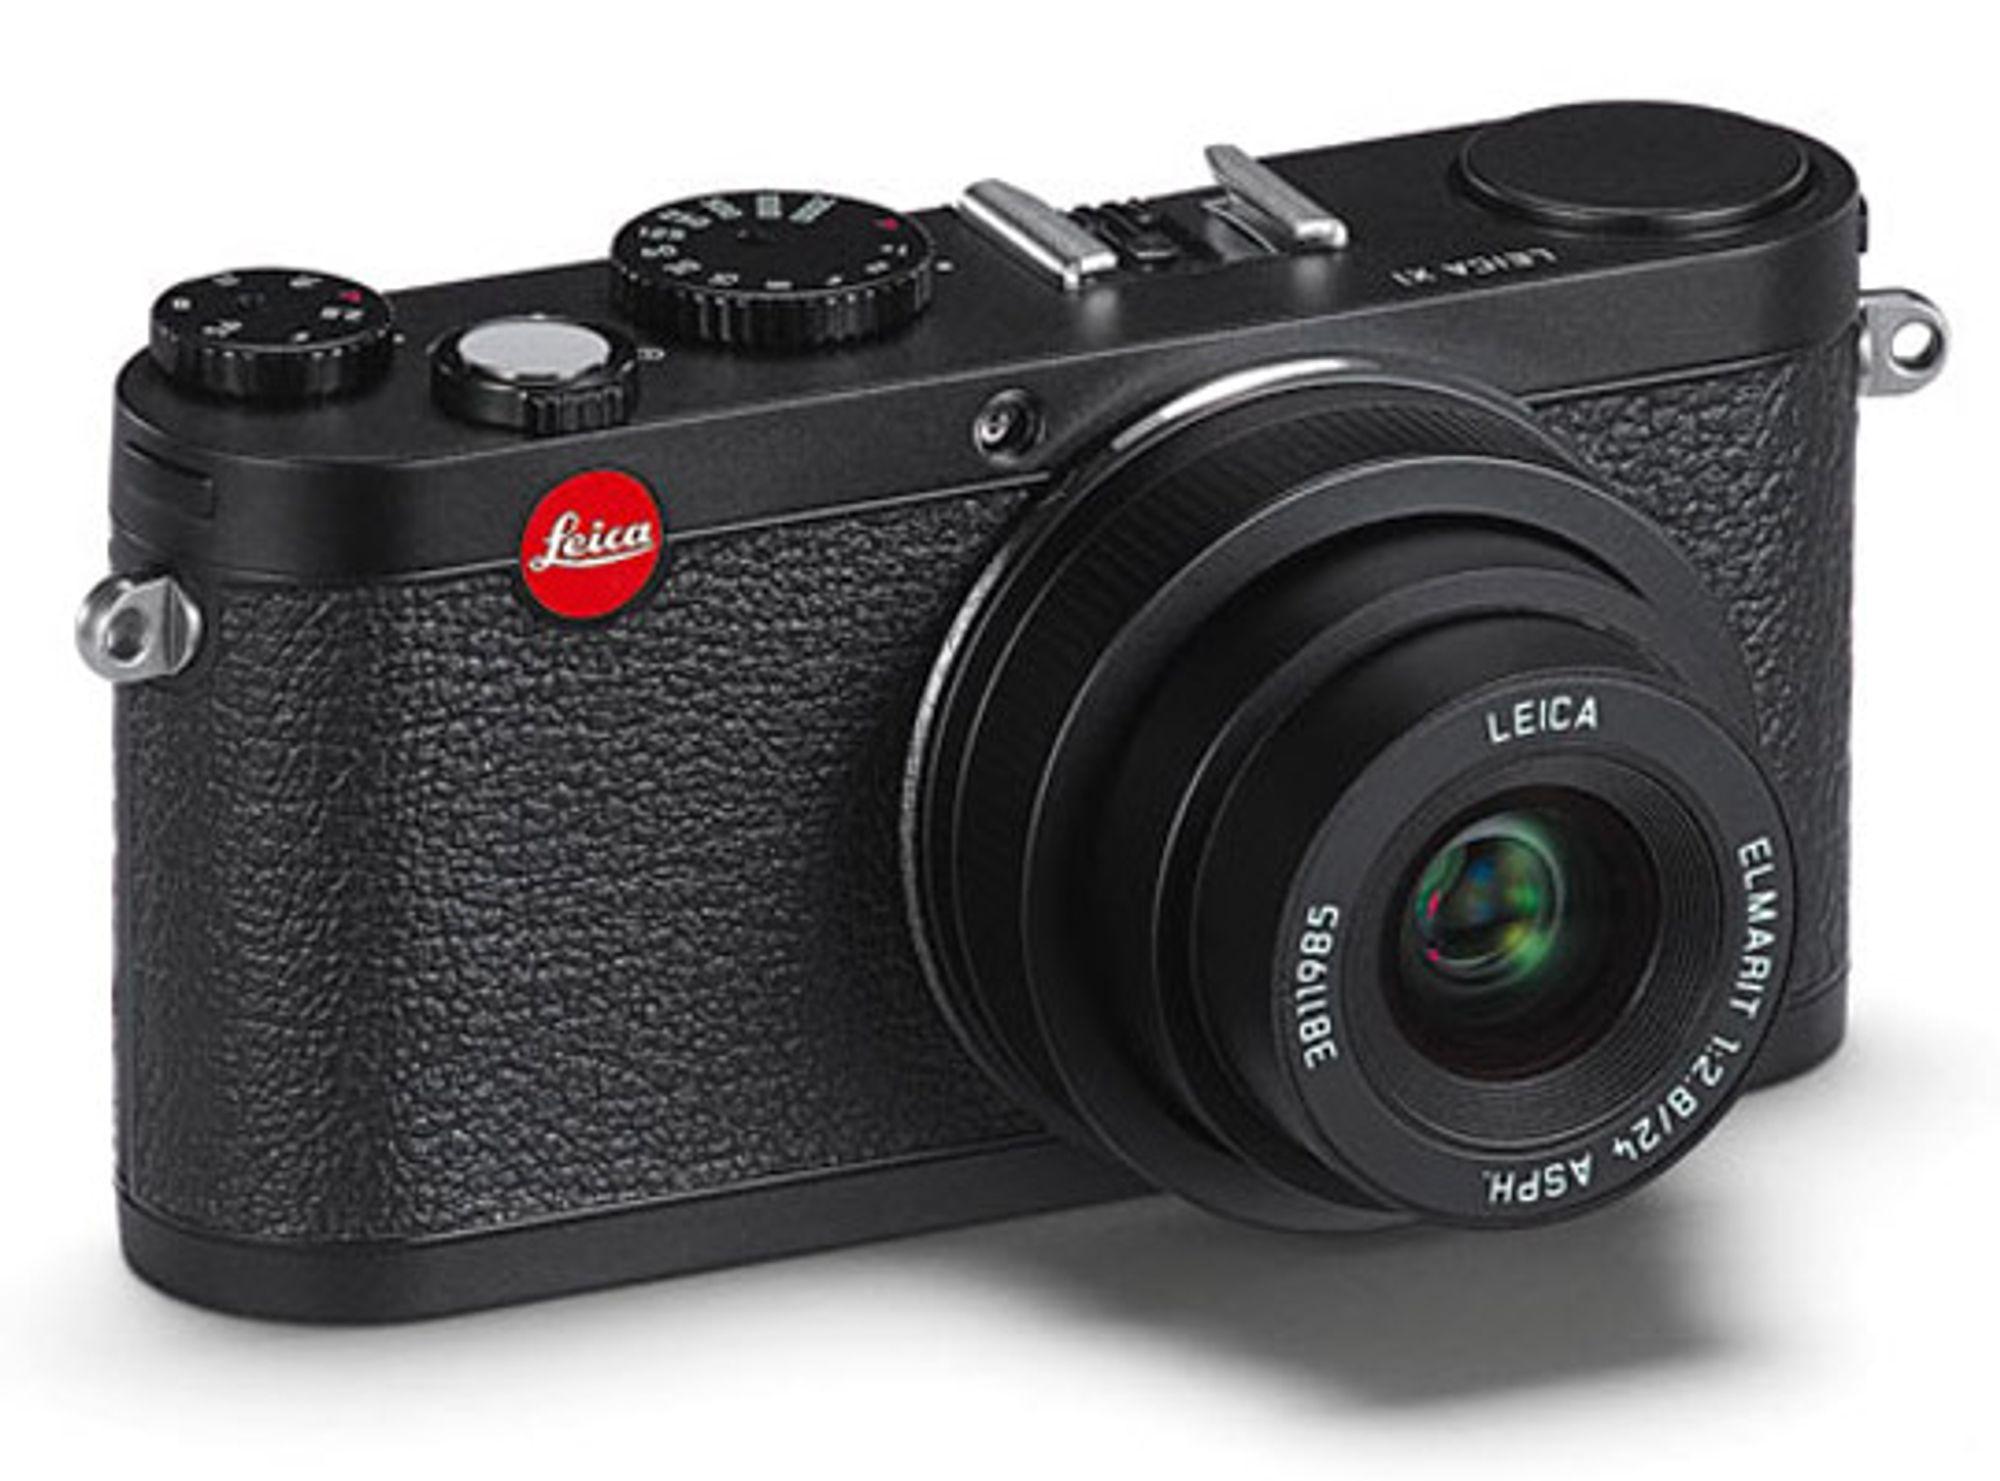 Ser man helsvart på privatøkonomien er ikke Leica X1 noe for deg. FOTO: Produsenten.